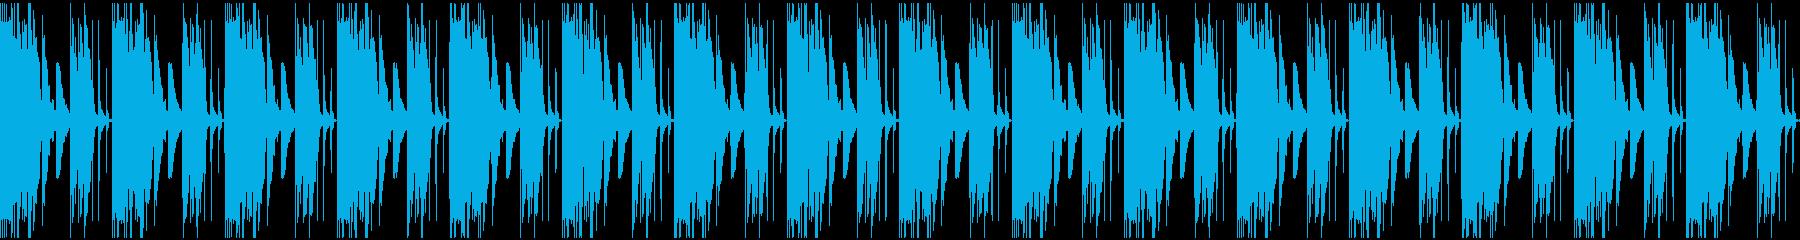 【エレクトロニカ】ロング4、ミディアム1の再生済みの波形